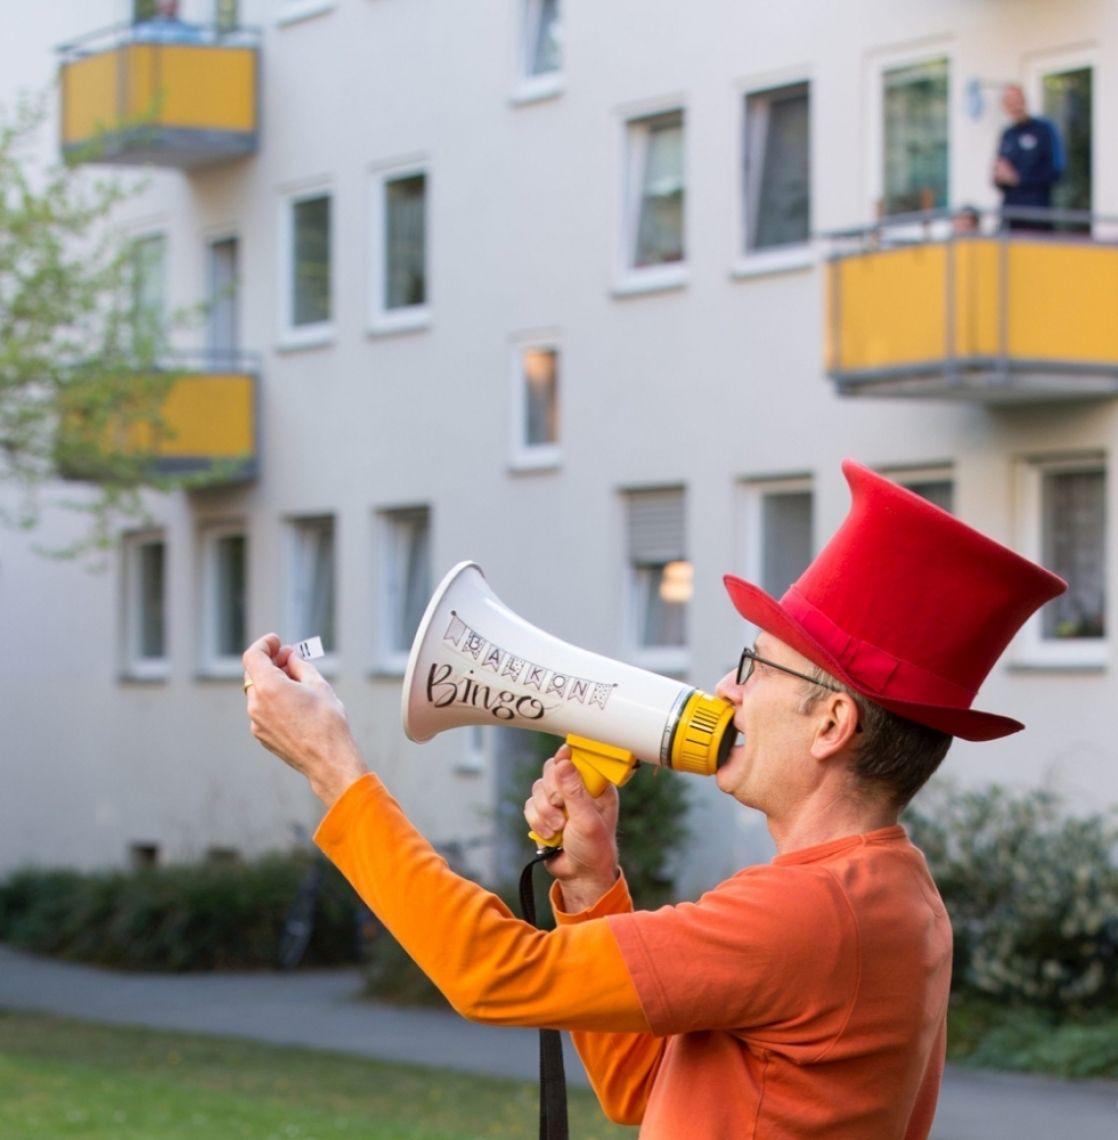 """Corona-Sonderprogramme: Hofbespielung mit Balkon-Bingo Der Moderator auf Stelzen, als solcher schon eine Attraktion, leitet durch die mitreißende Show. Er begrüßt die Nachbarn auf den Balkonen oder Fenstern. Nach und nach zieht der Moderator die Gewinnzahlen und animiert die Zuschauer zu Ja- und Jubelrufen bis der Gewinner """"Balkon-Bingo"""" ruft. Er wird gefeiert und erhält ein symbolisches Geschenk. Nach """"Zugabe""""-Rufen wird sogar noch ein zweiter Gewinner* ausgespielt."""